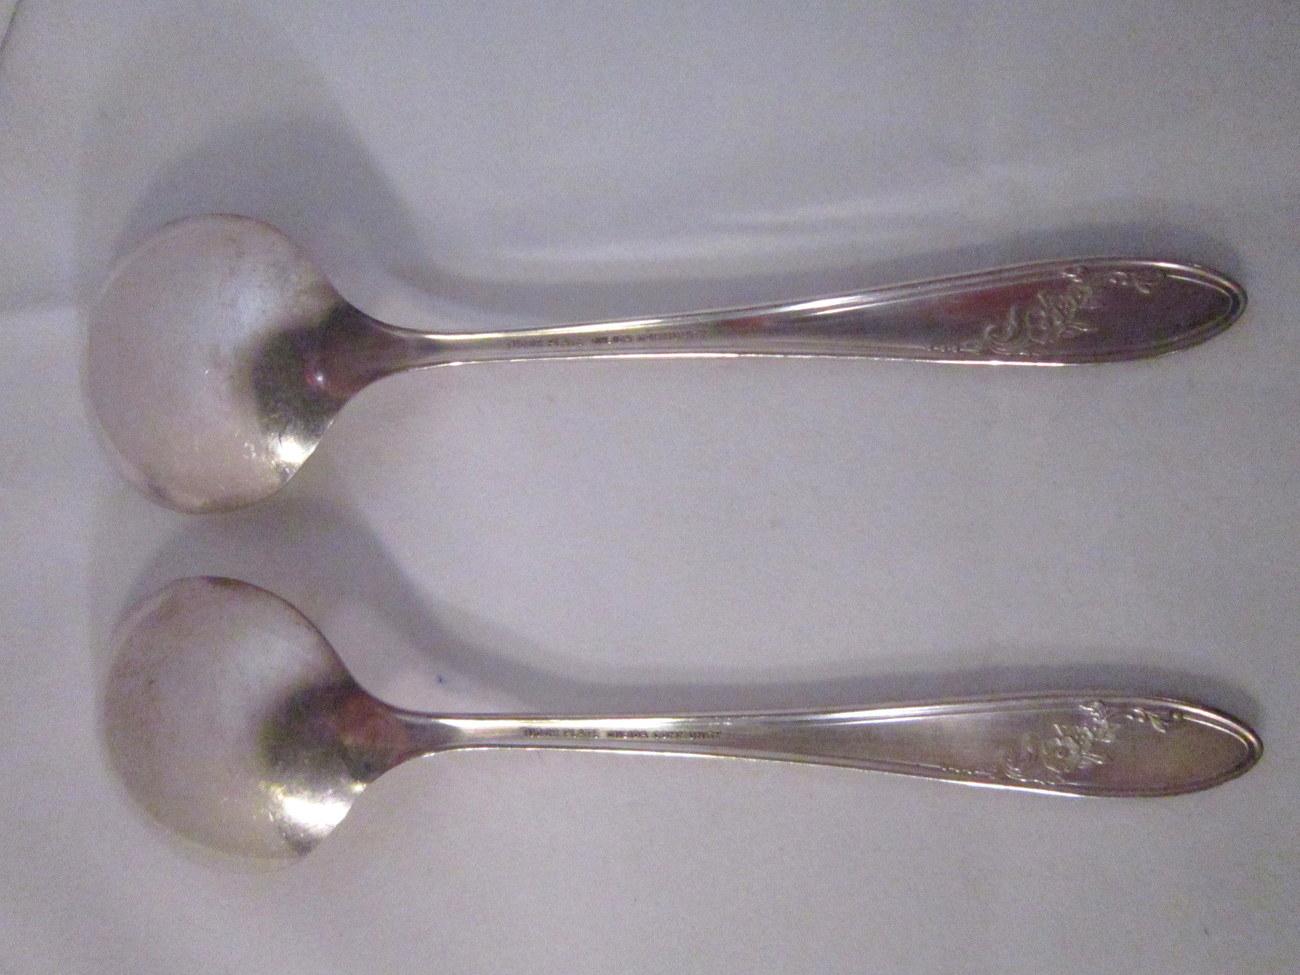 Tudor Plate Onieda 1946 Soup Spoon, Queen Bess II pattern Silverplate